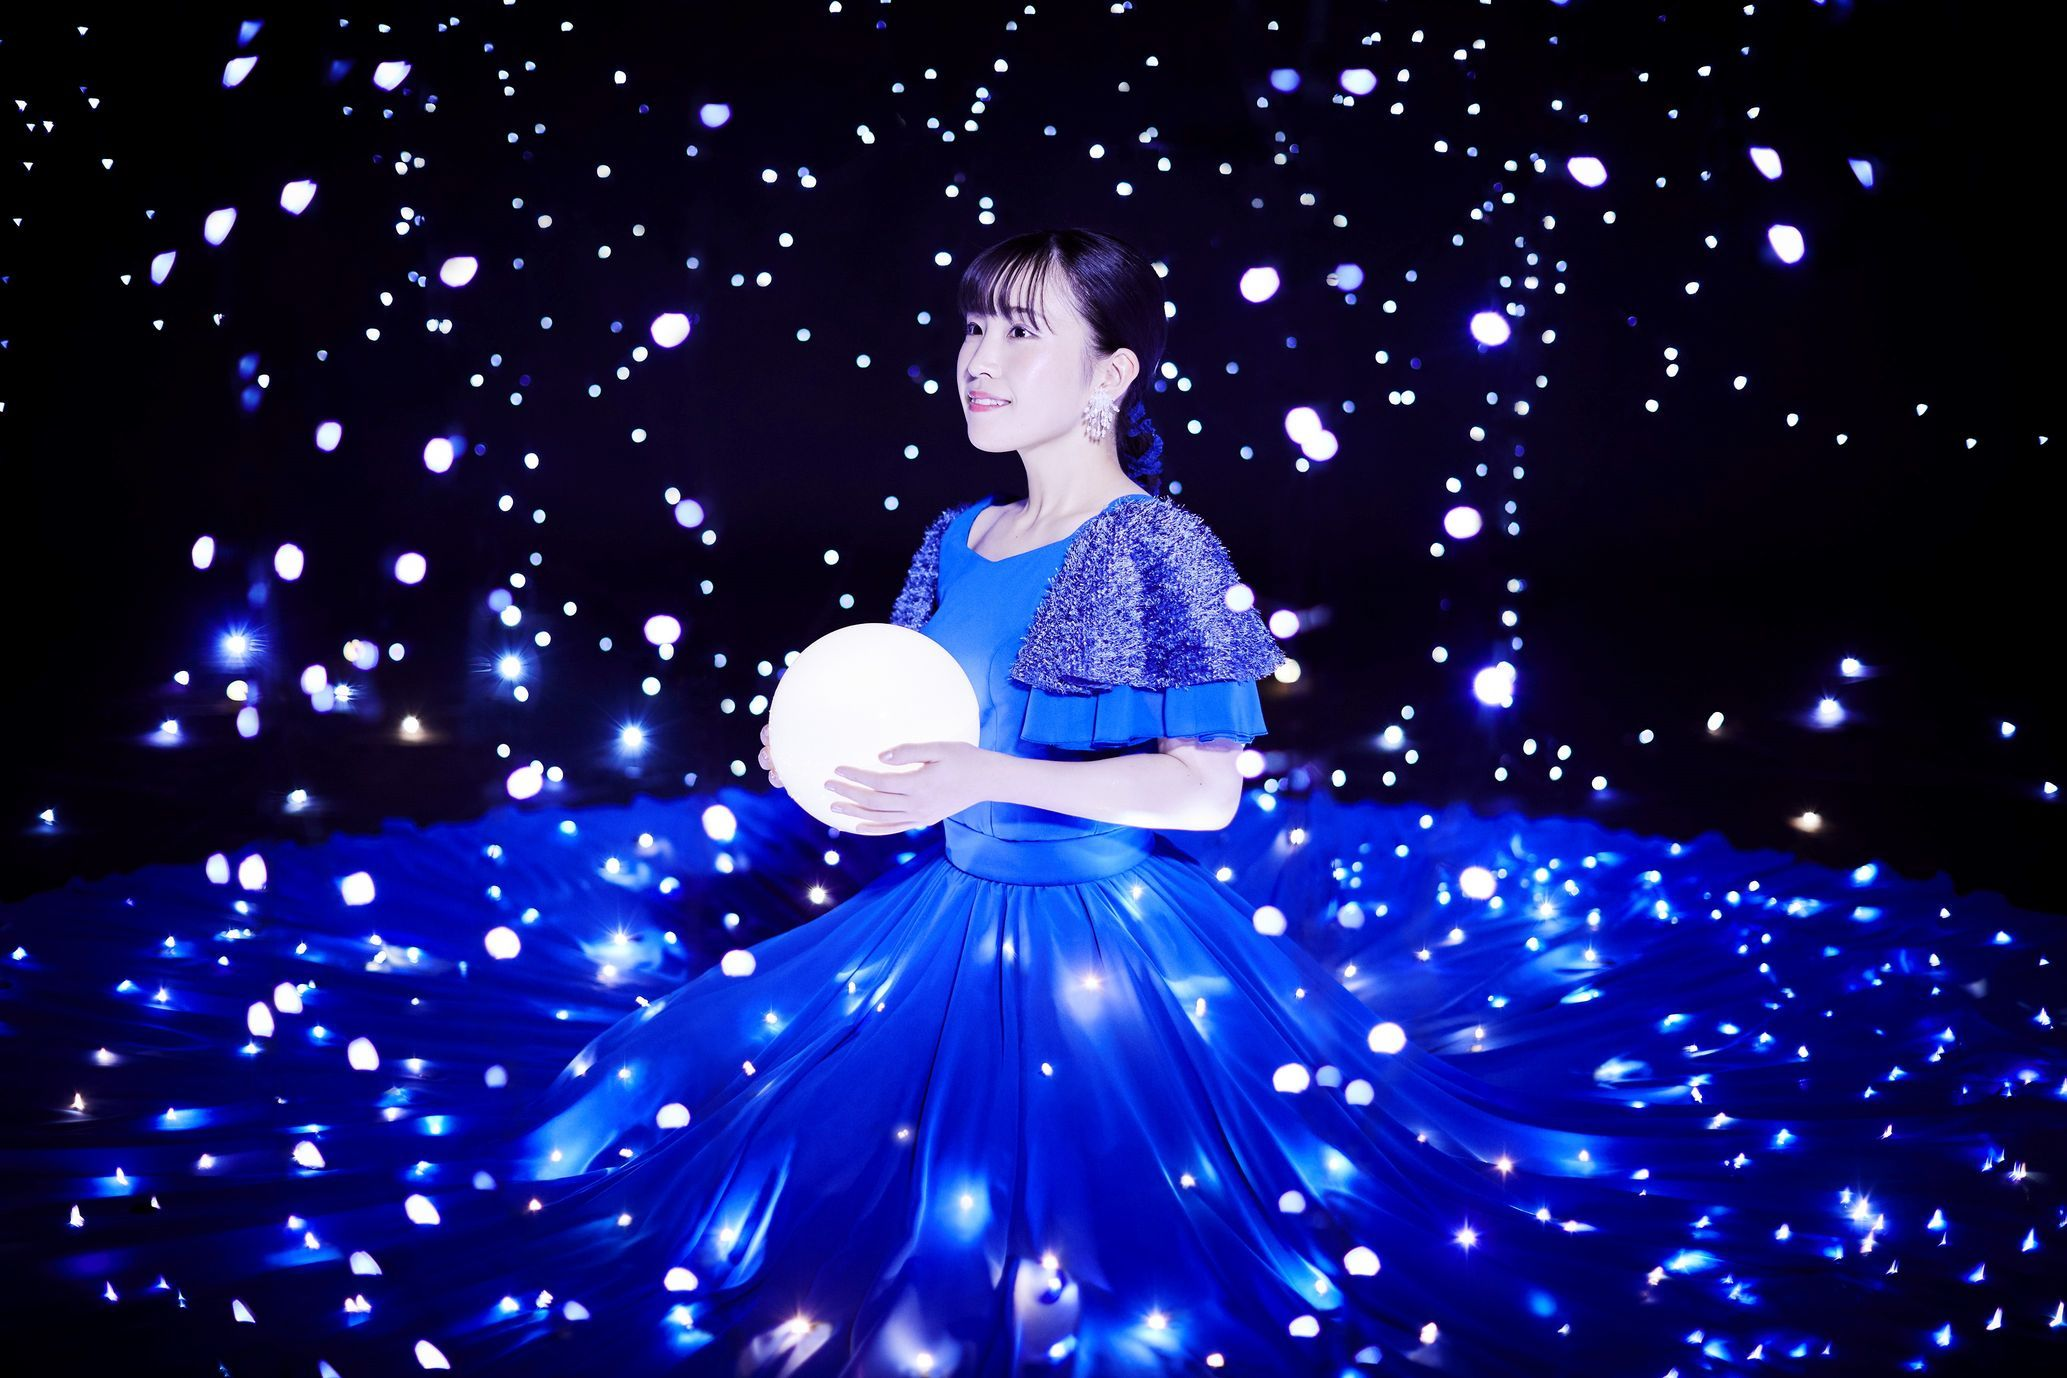 鈴木みのりアーティスト写真